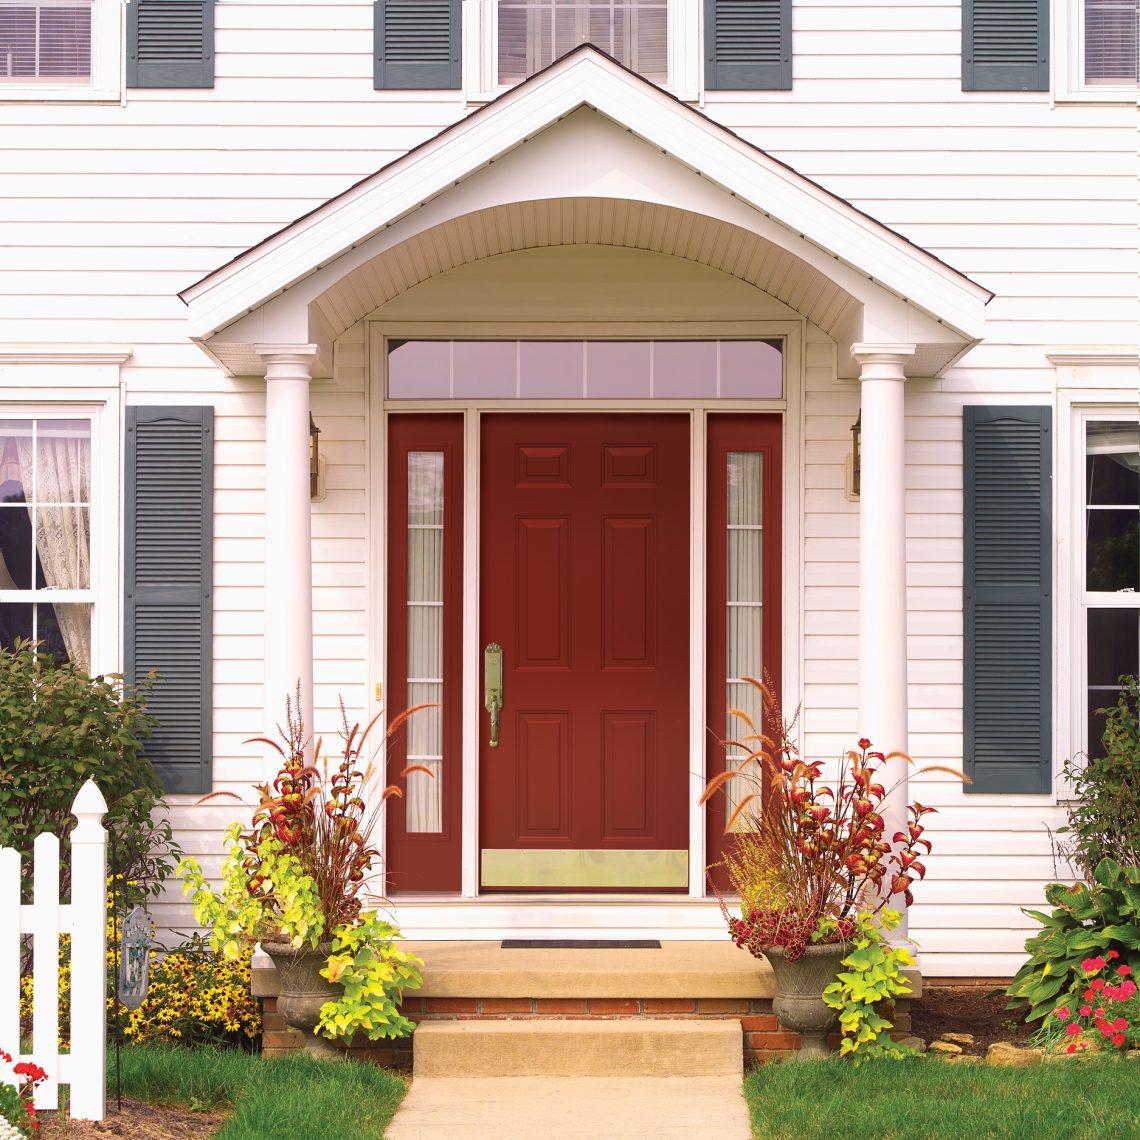 Our residential work tgs garage doors nj garage door repair after before after before after bofore after garage door repair rubansaba